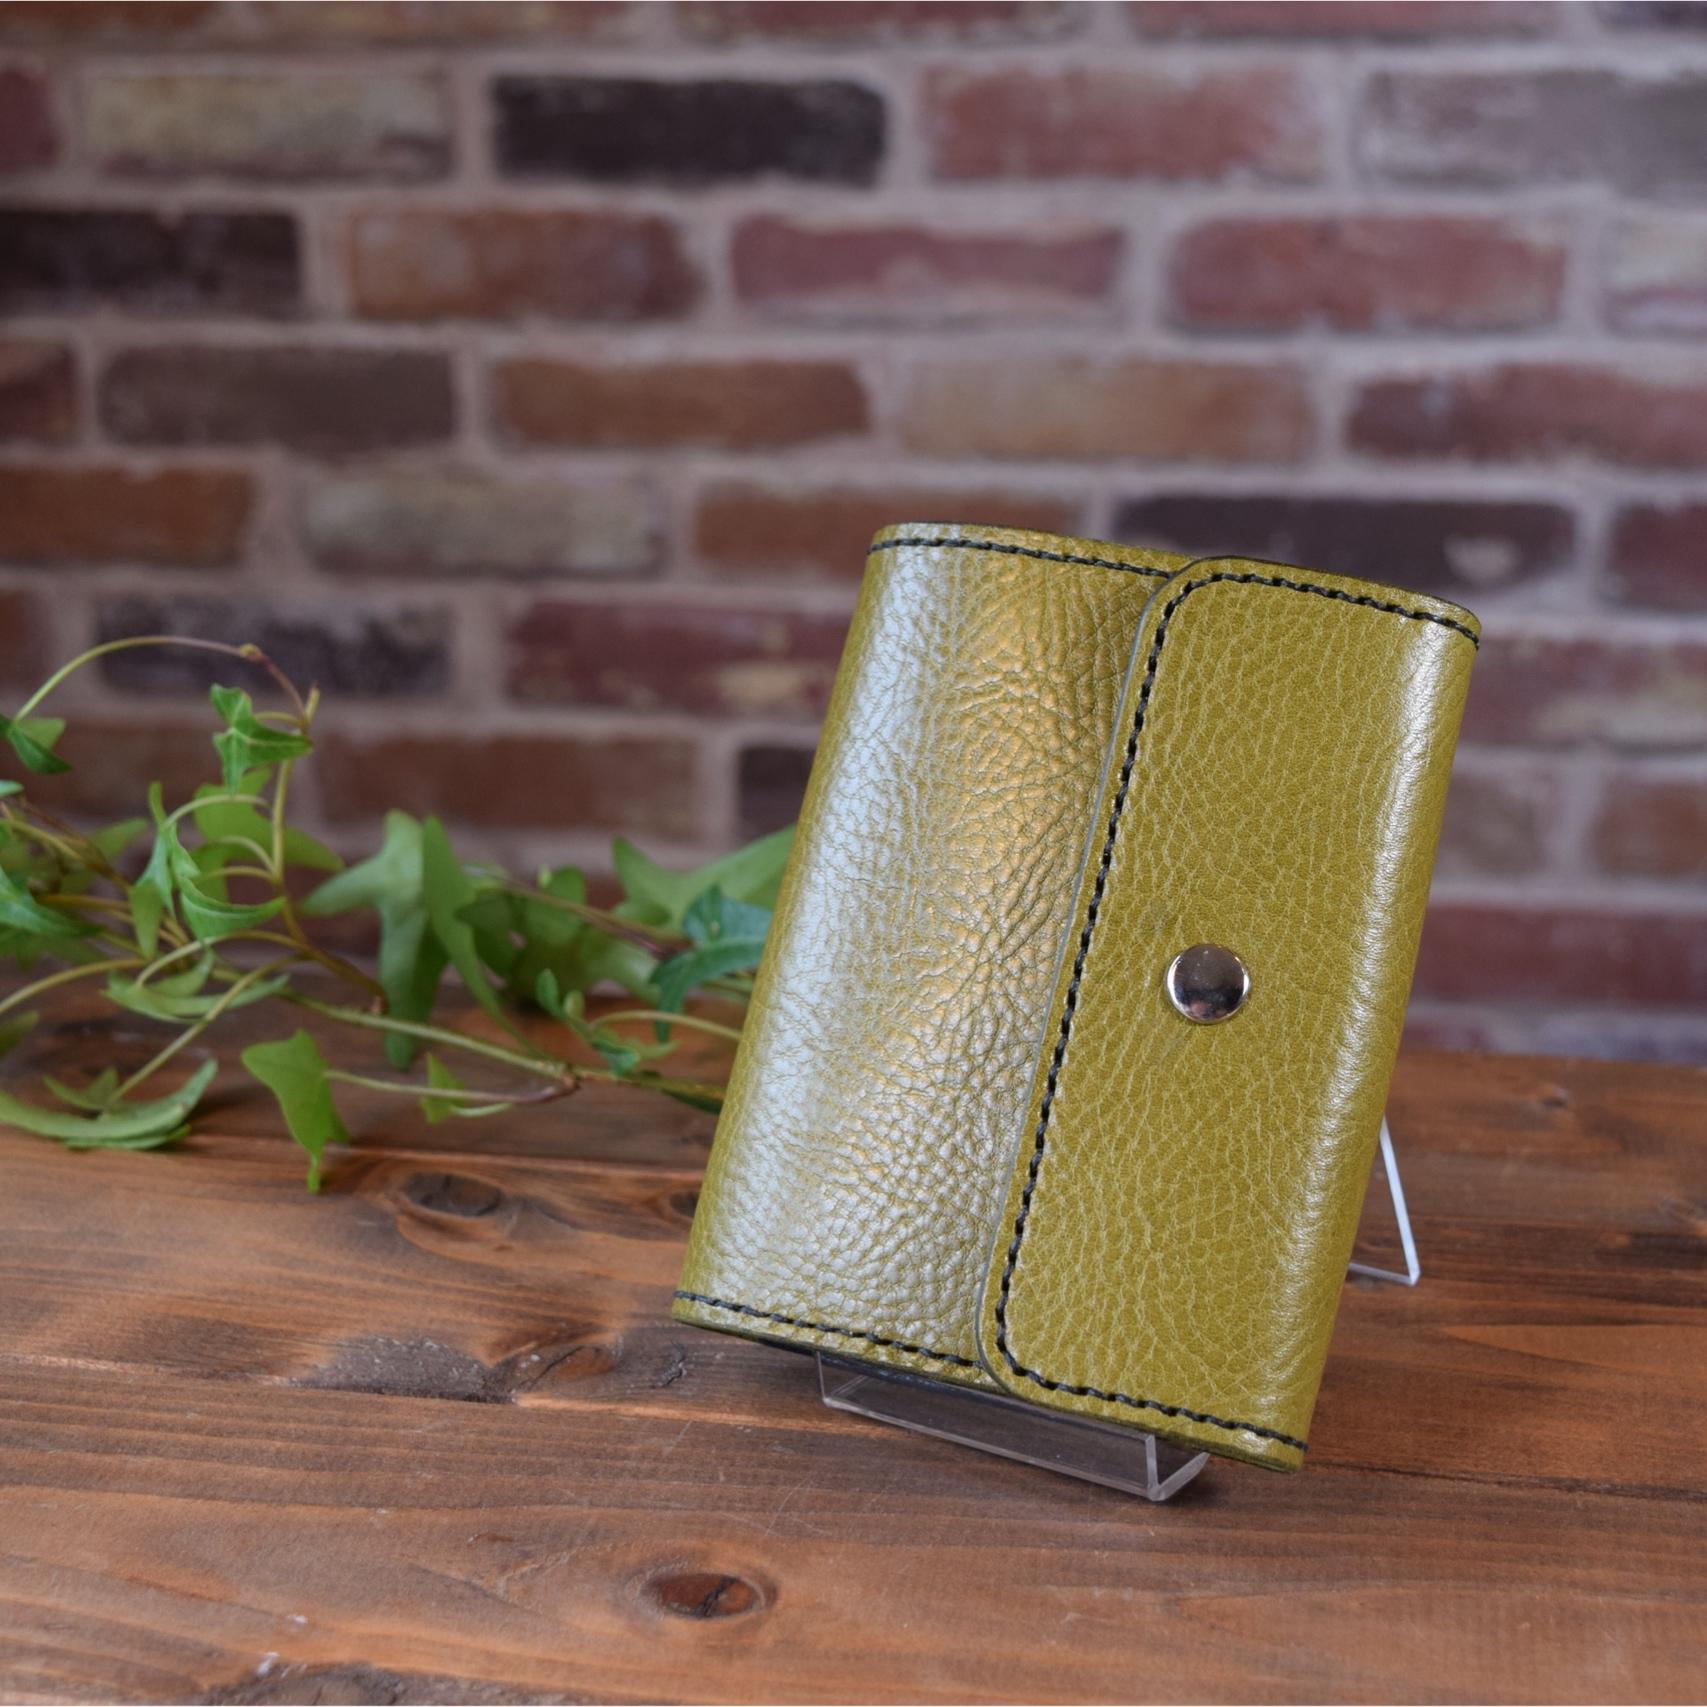 【受注制作】シンプルデザインの2つ折り財布(シュリンクレザー)